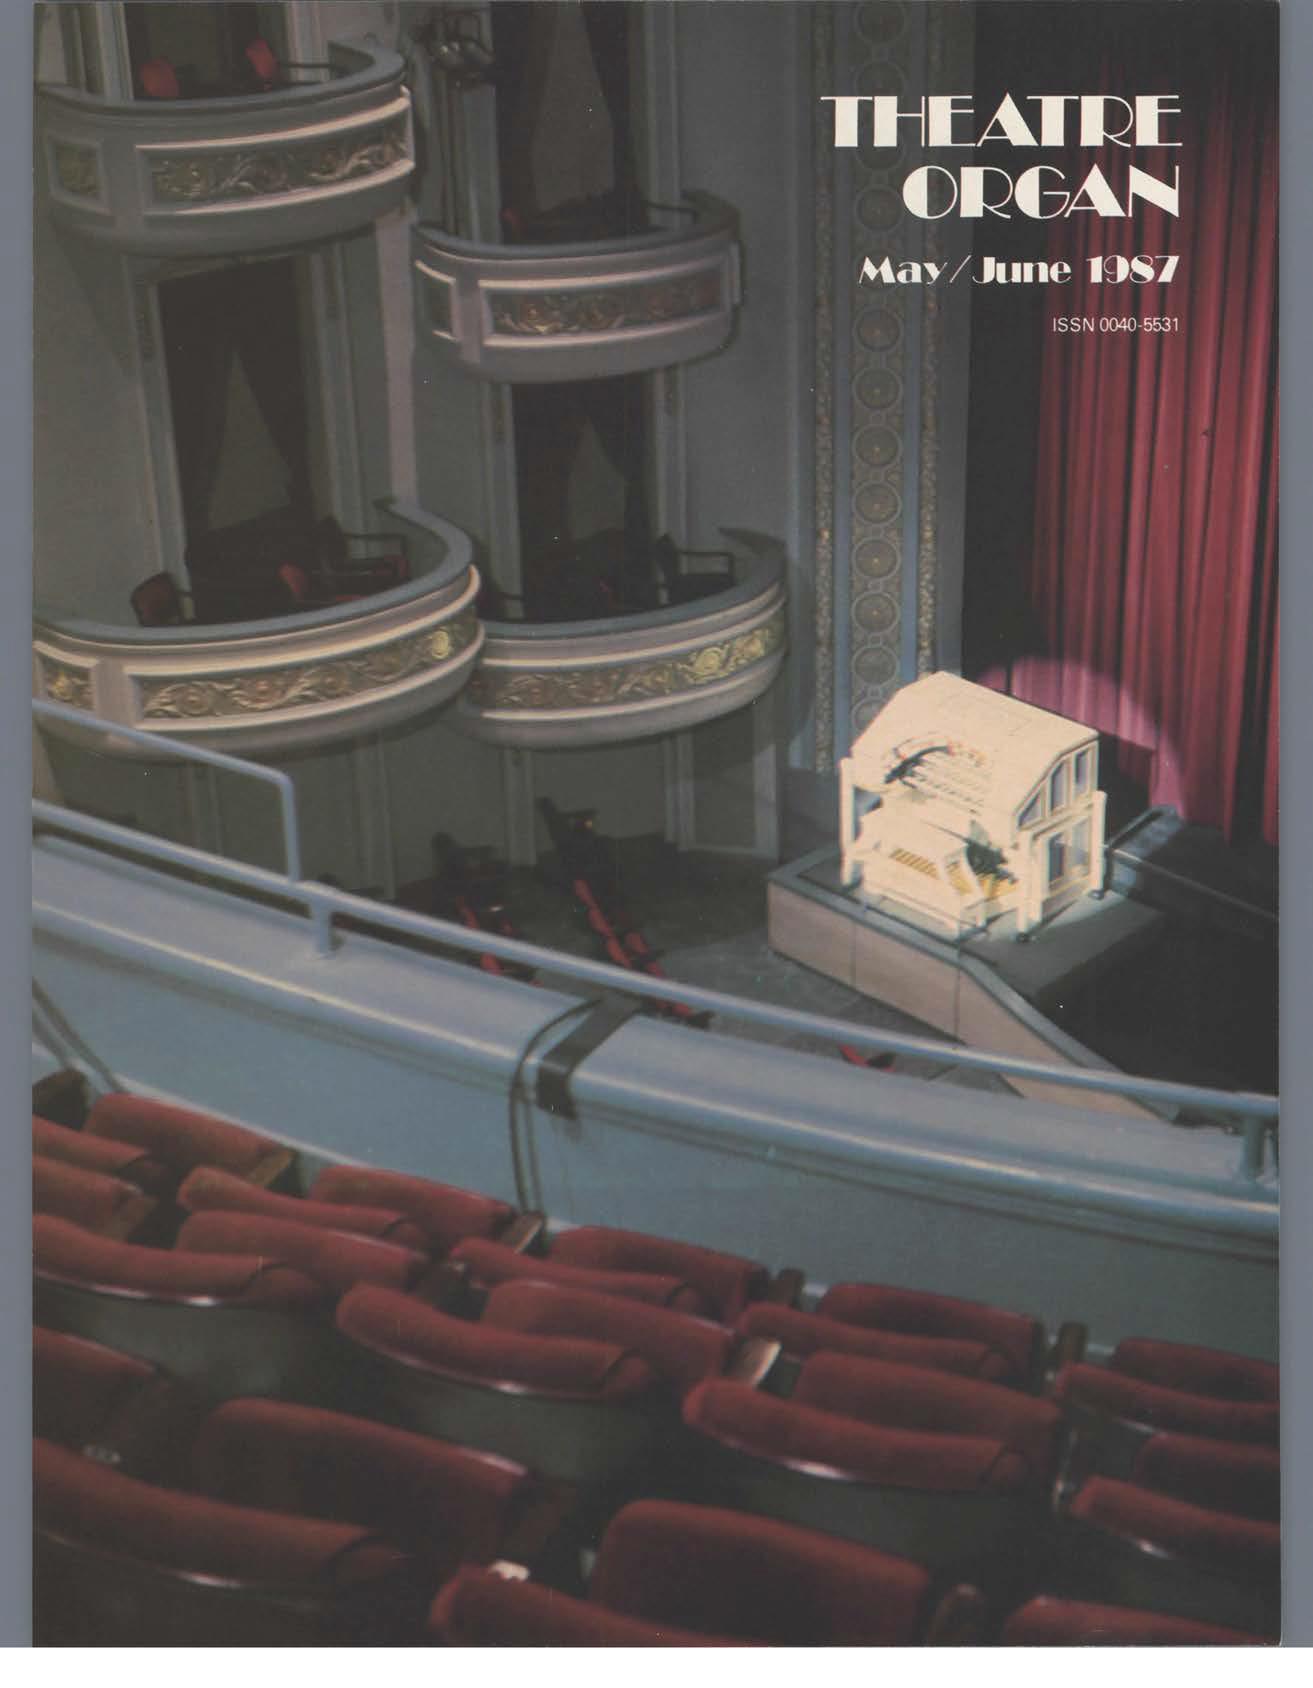 Theatre Organ, May - June 1987, Volume 29, Number 3